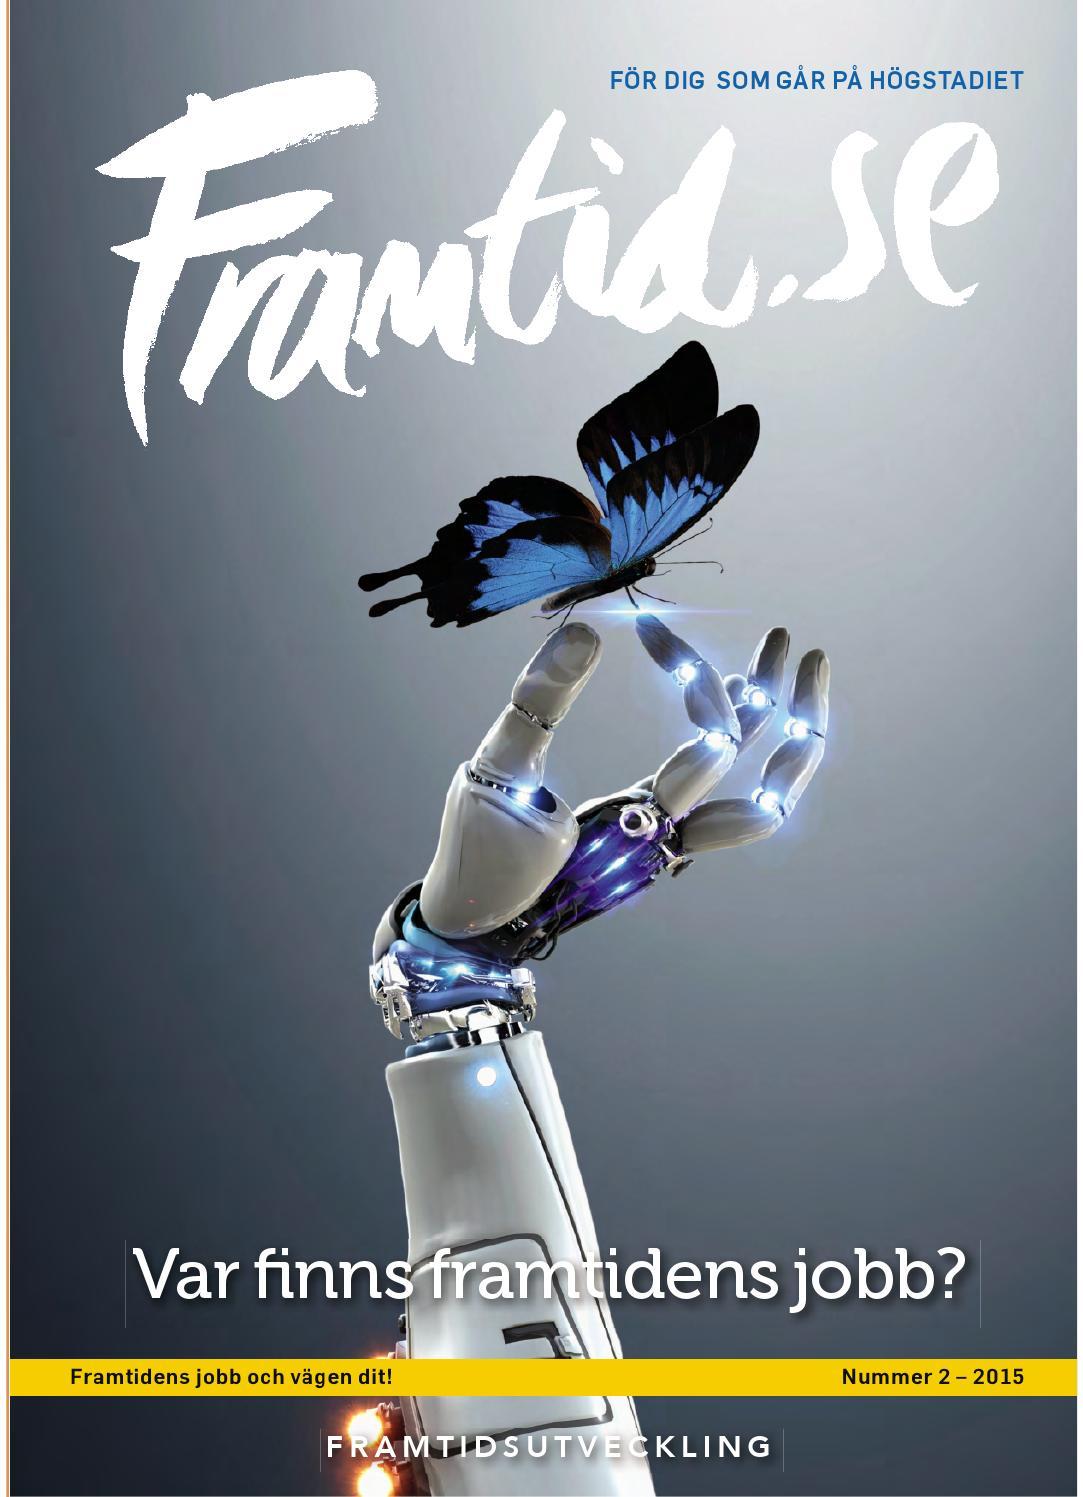 Framtid.se 2015 by framtidsutveckling   issuu